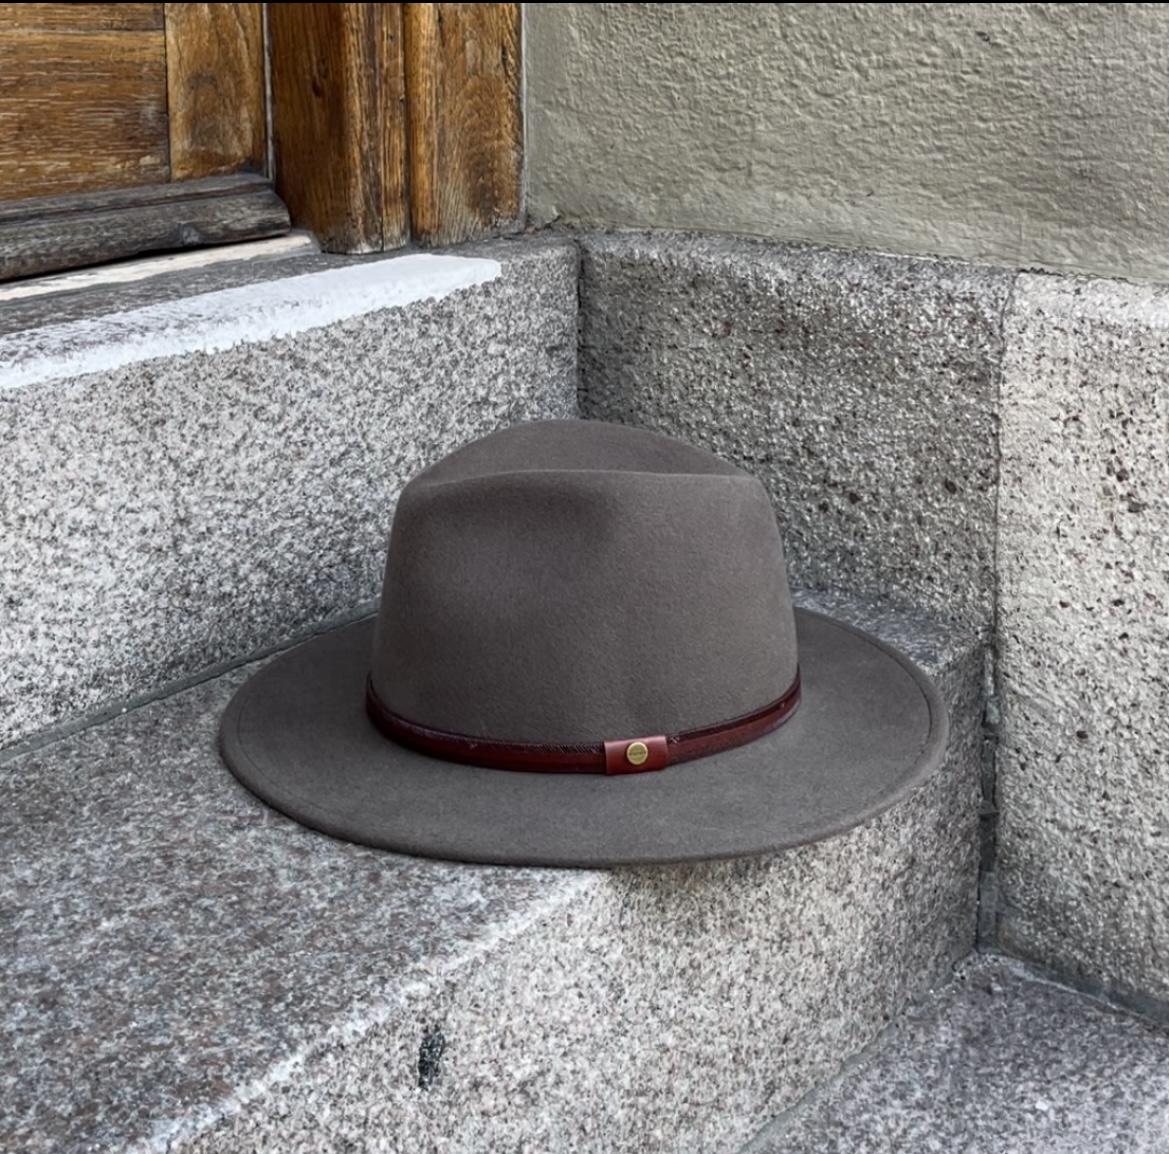 Praktiska, tåliga och bekväma hattar 2021!